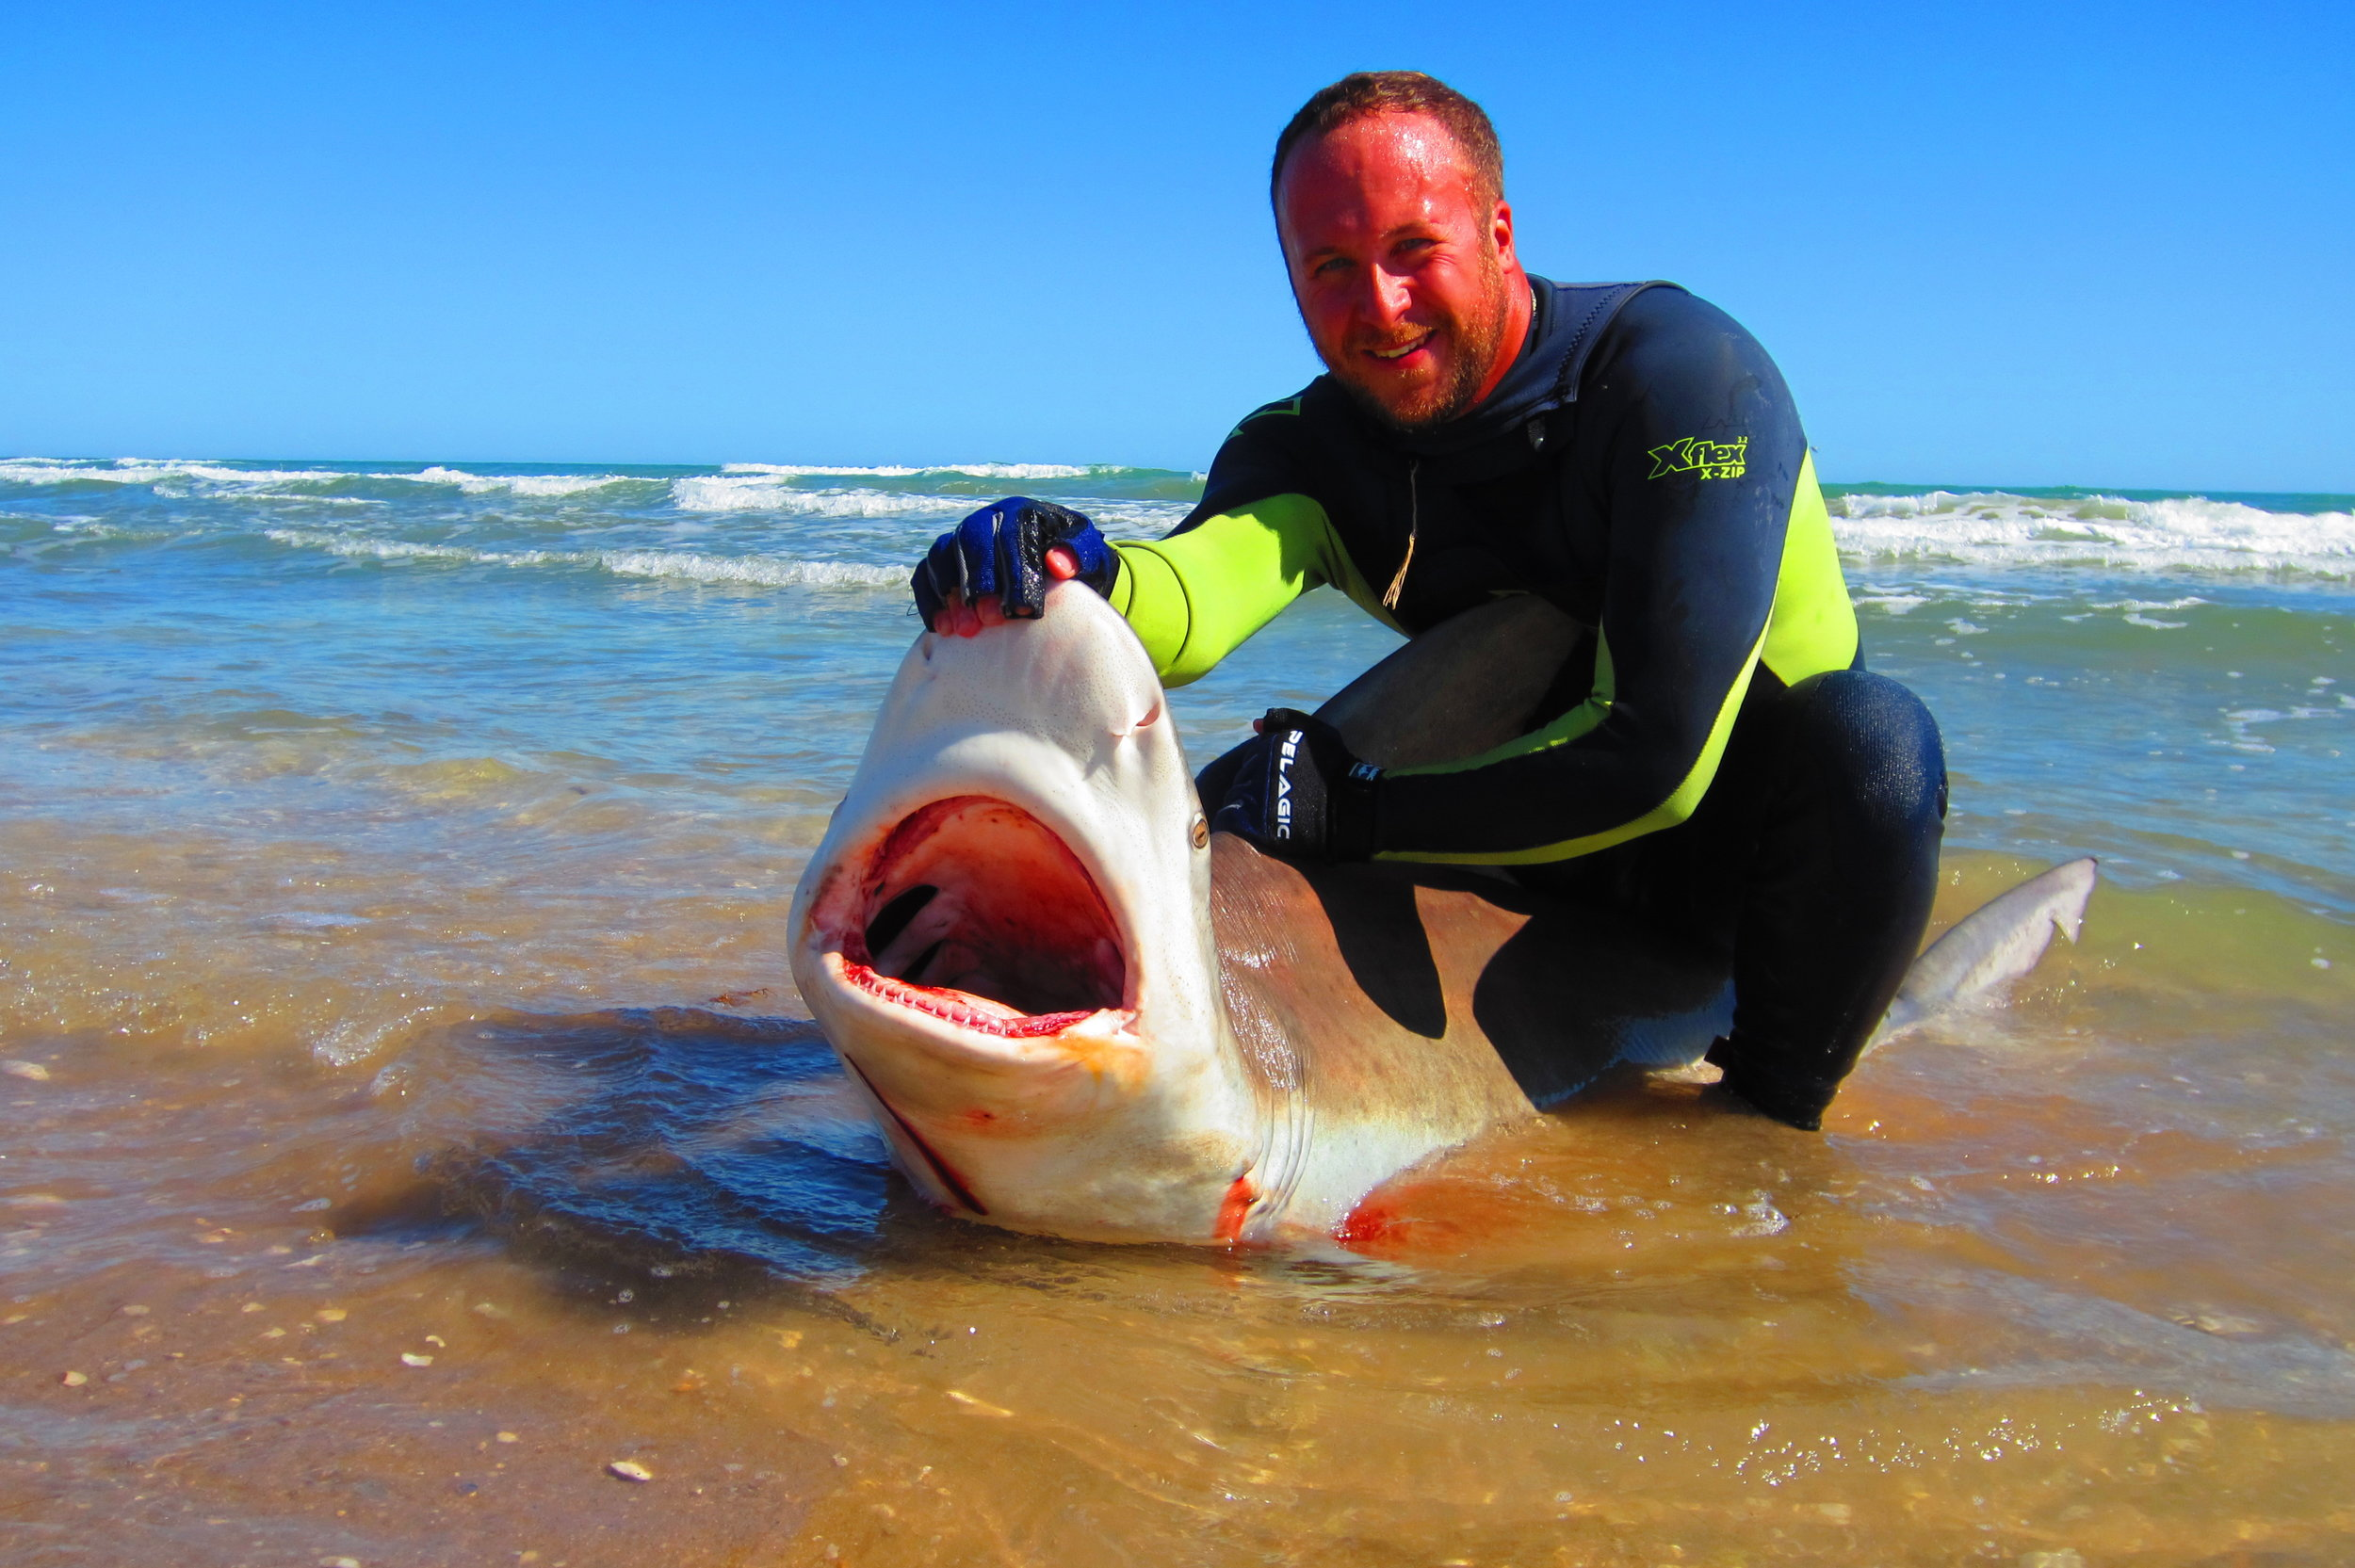 7 ft Sandbar Shark caught in winter